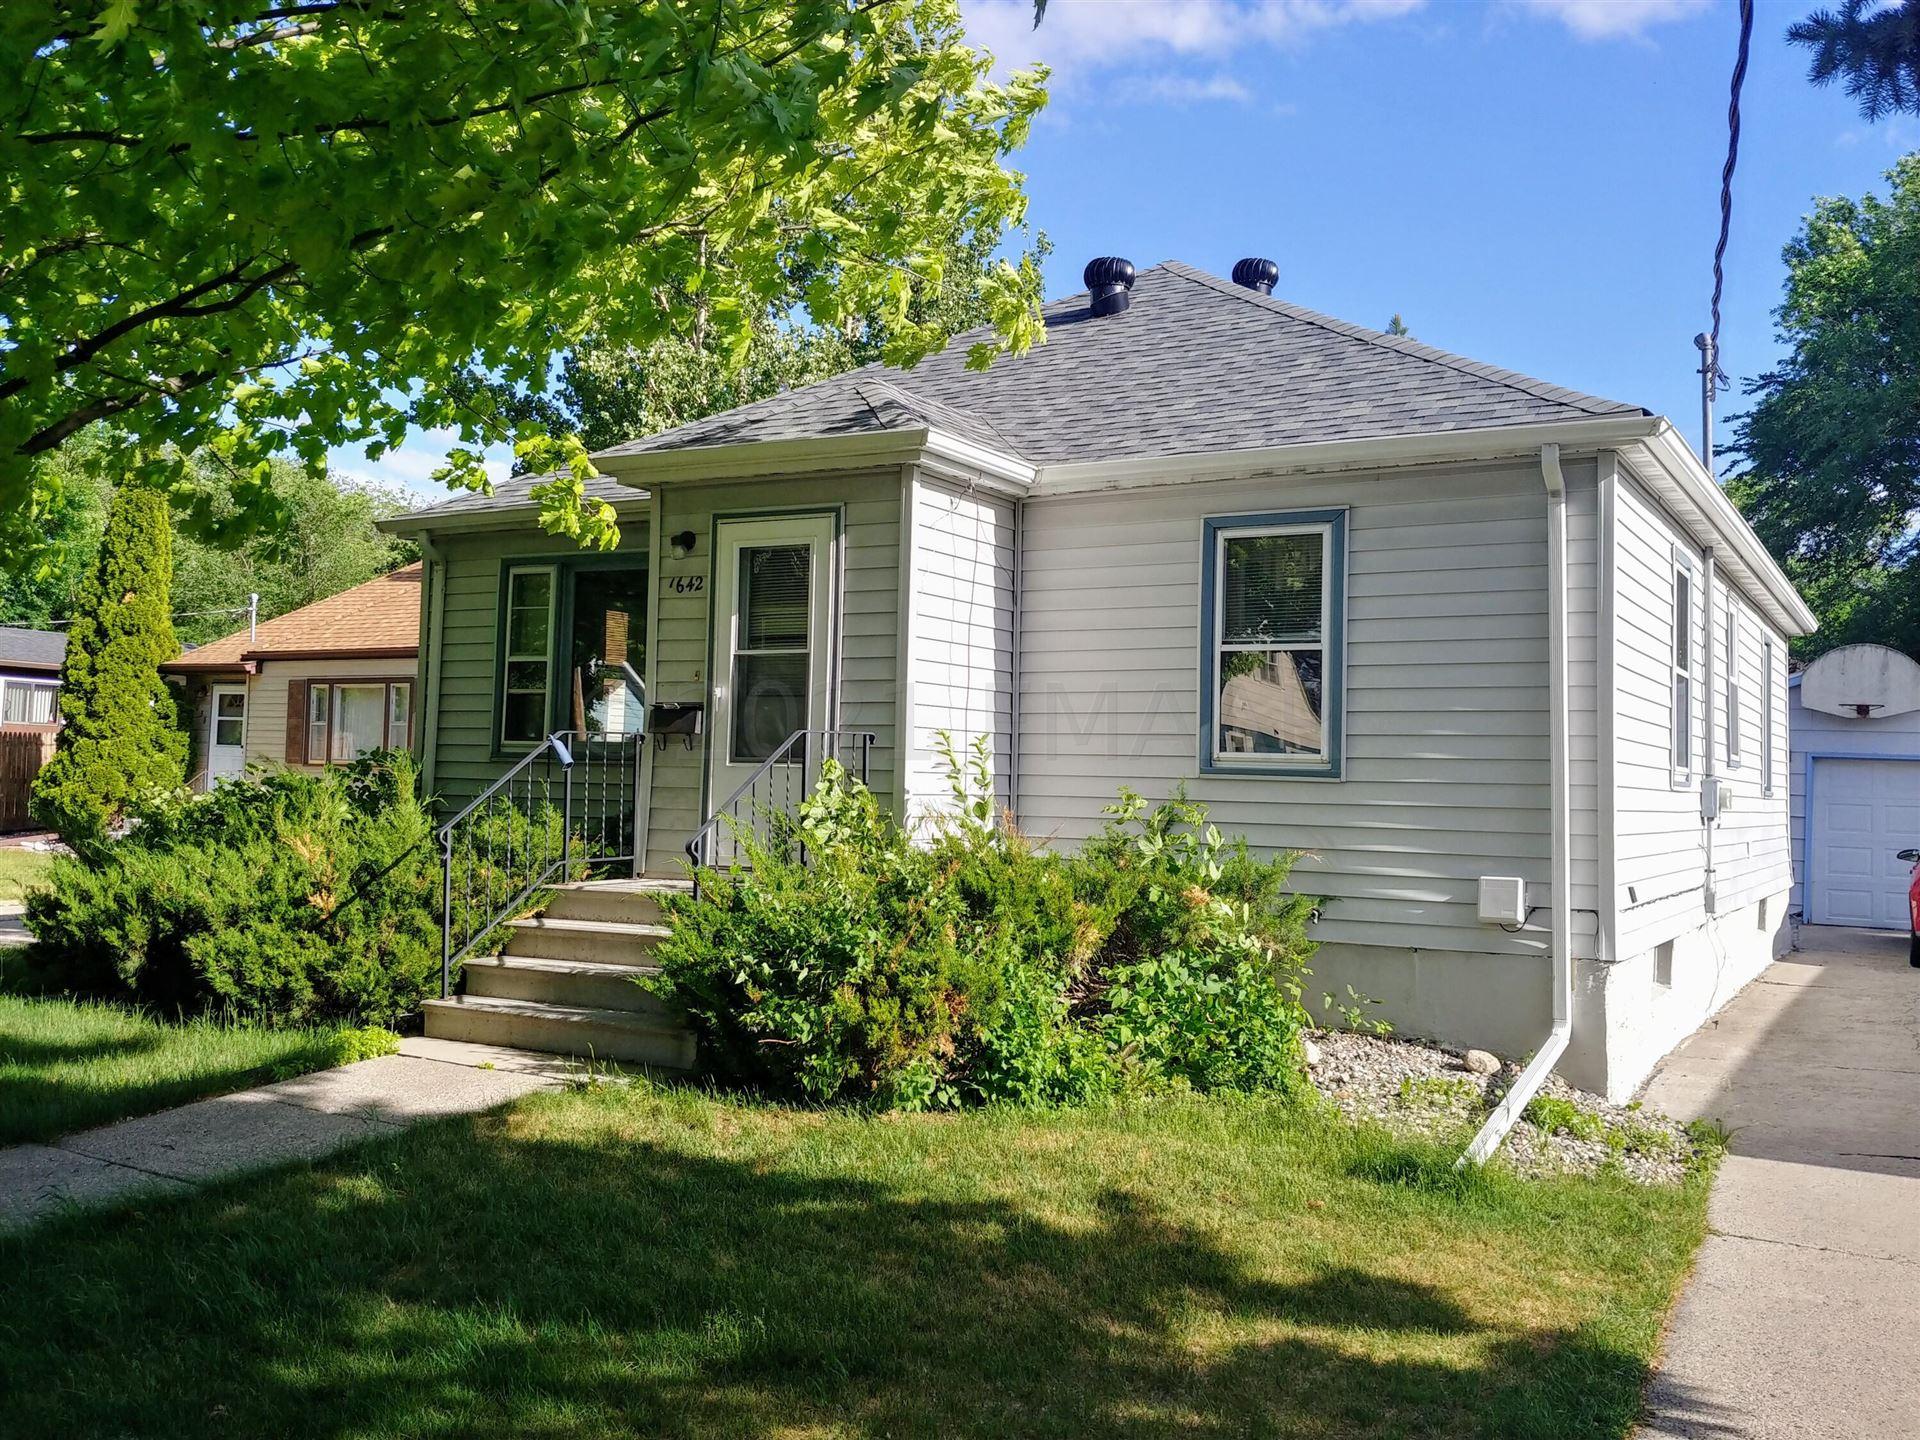 1642 7 Avenue S, Fargo, ND 58103 - #: 21-3229